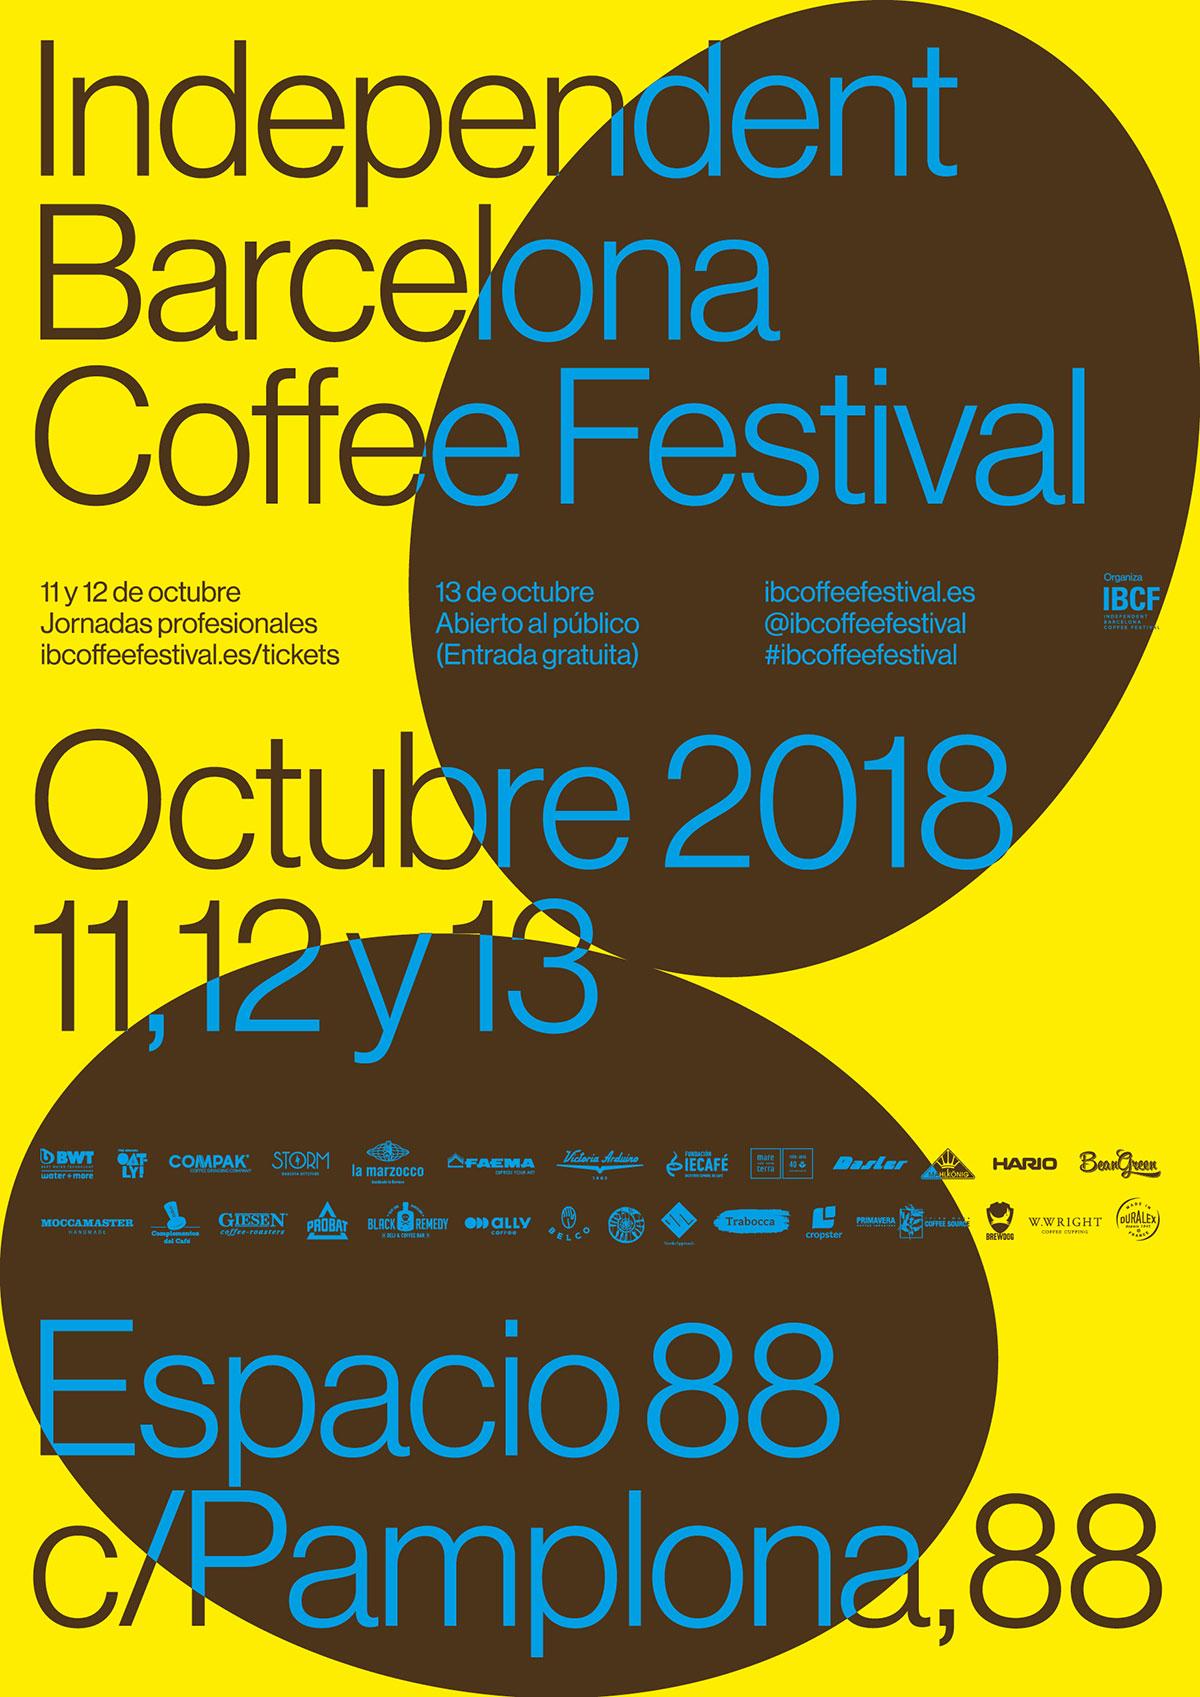 Kaffee-Events, Festival und Kalender: IBCF, Independent Barcelona Coffee Festival 2018. CafCaf – Kaffee & Blog, Kaffeeblog